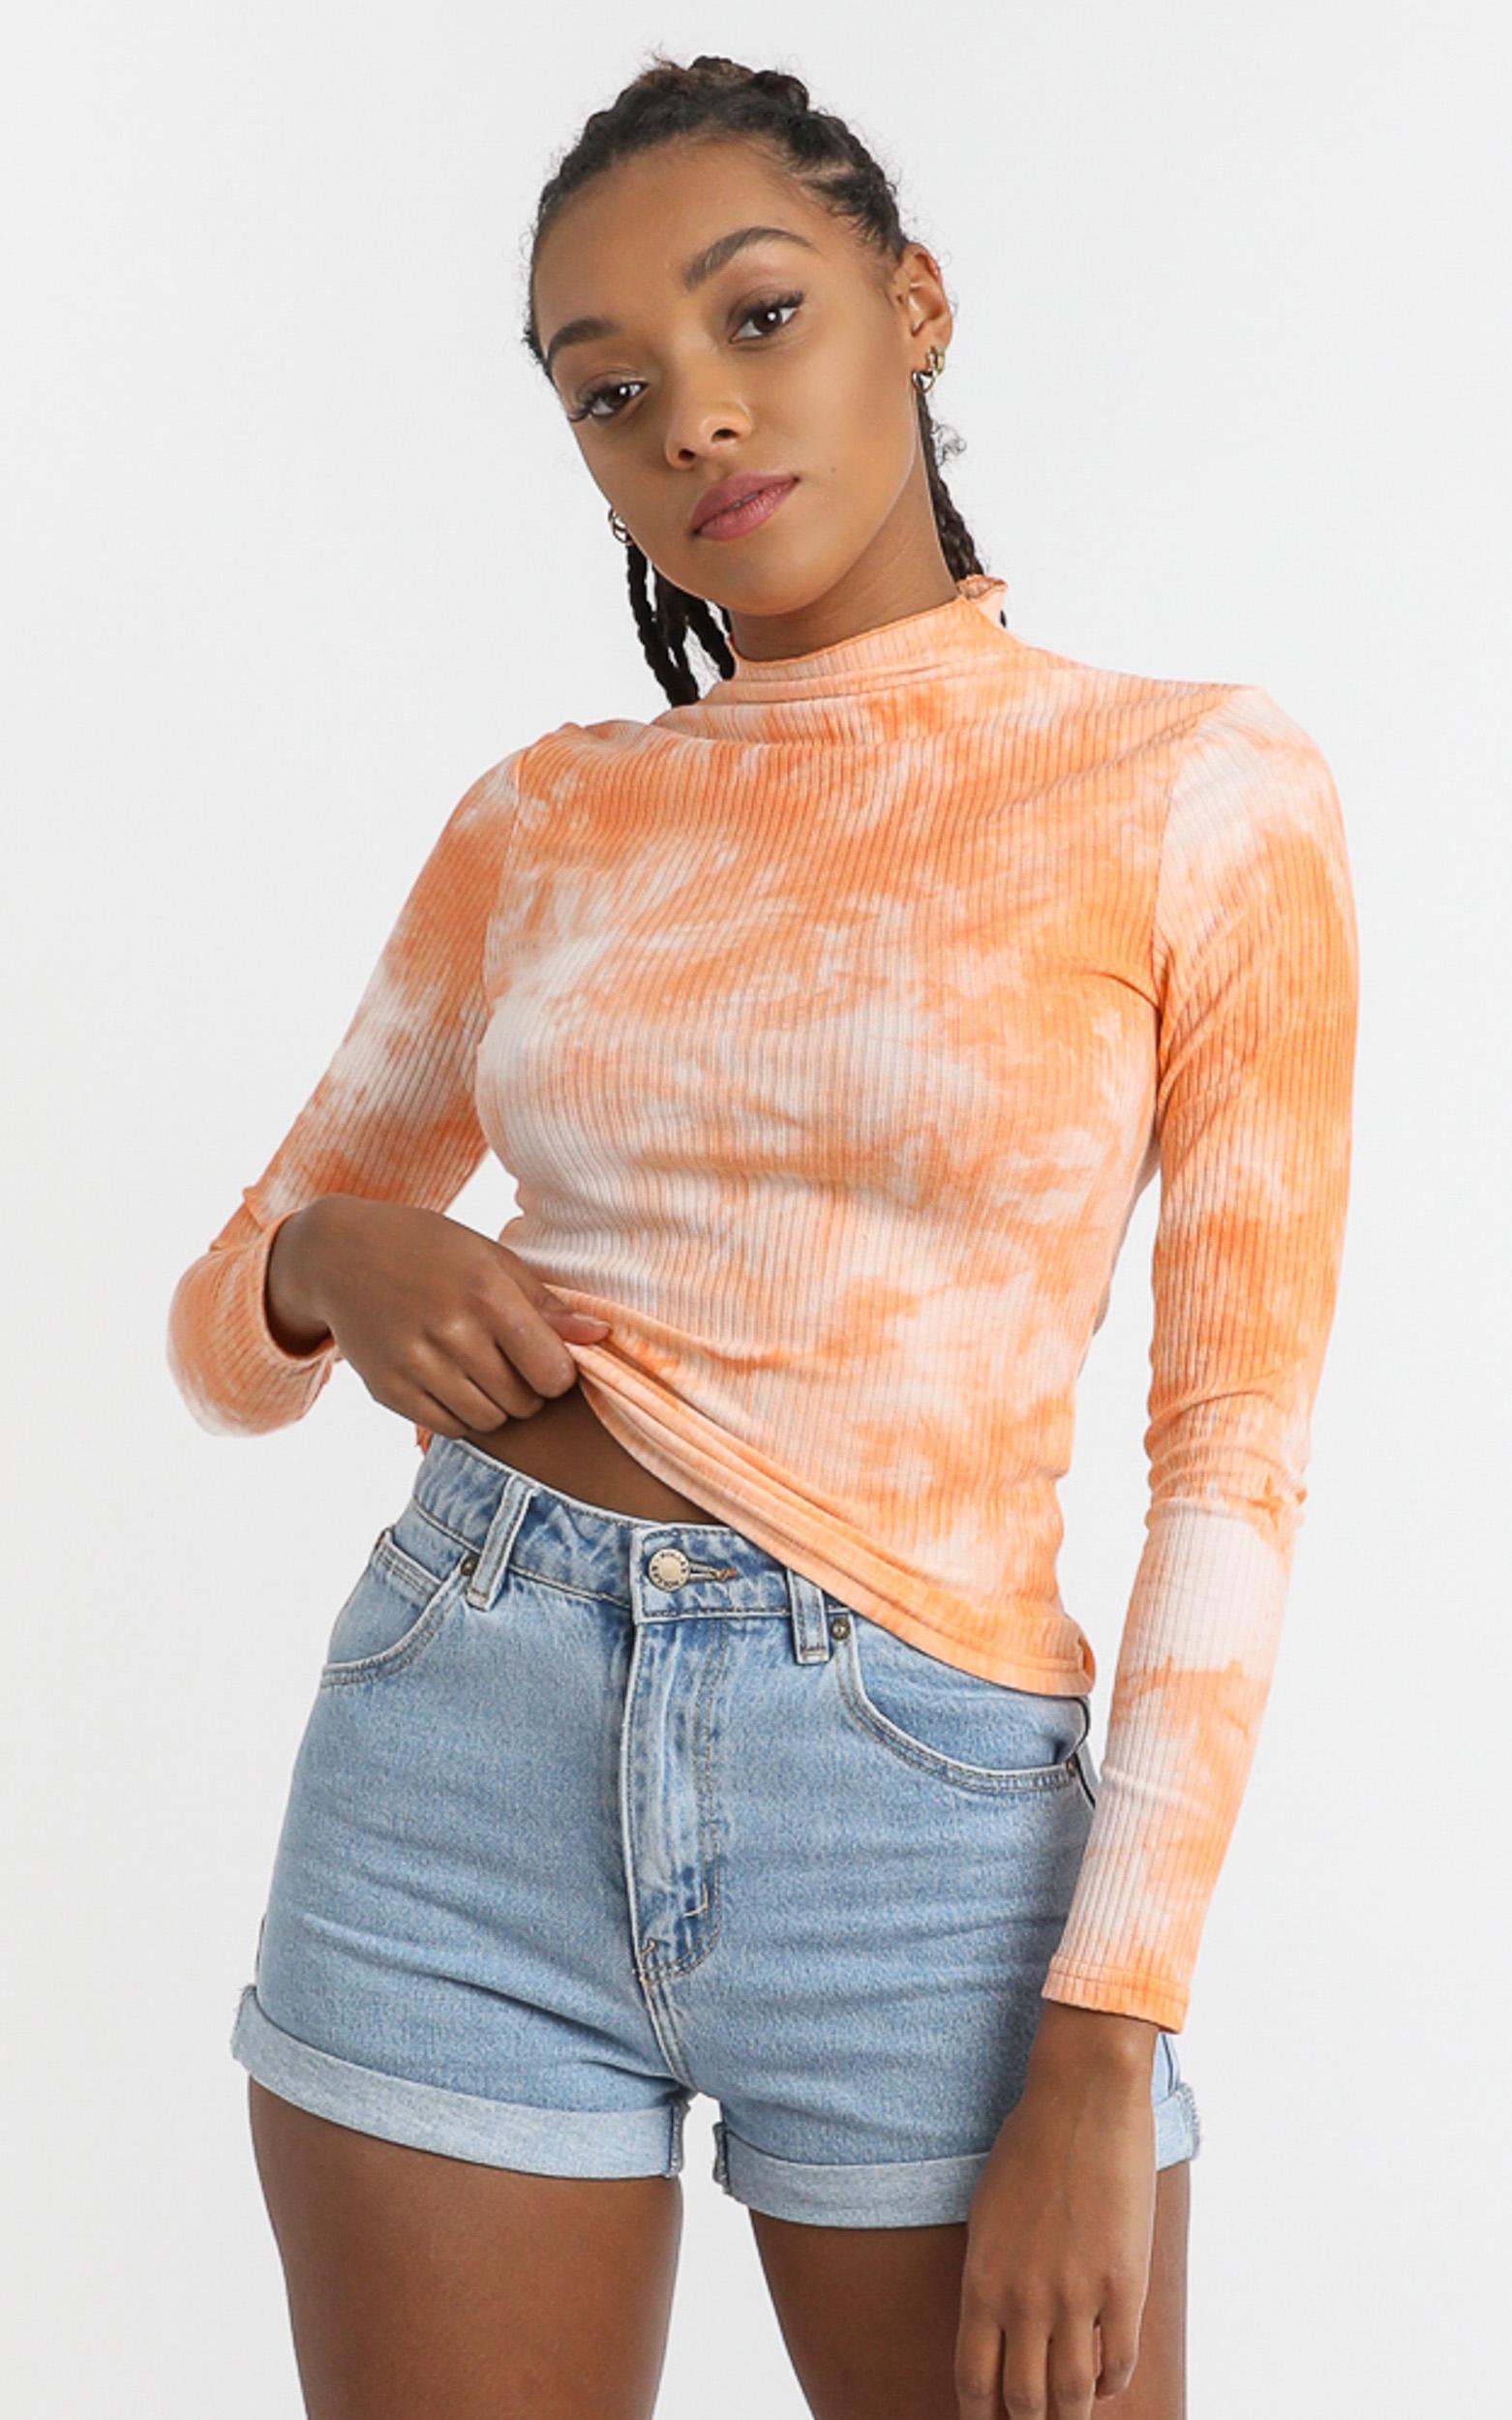 Emmie Top in Mango Tie Dye - 6 (XS), Orange, hi-res image number null